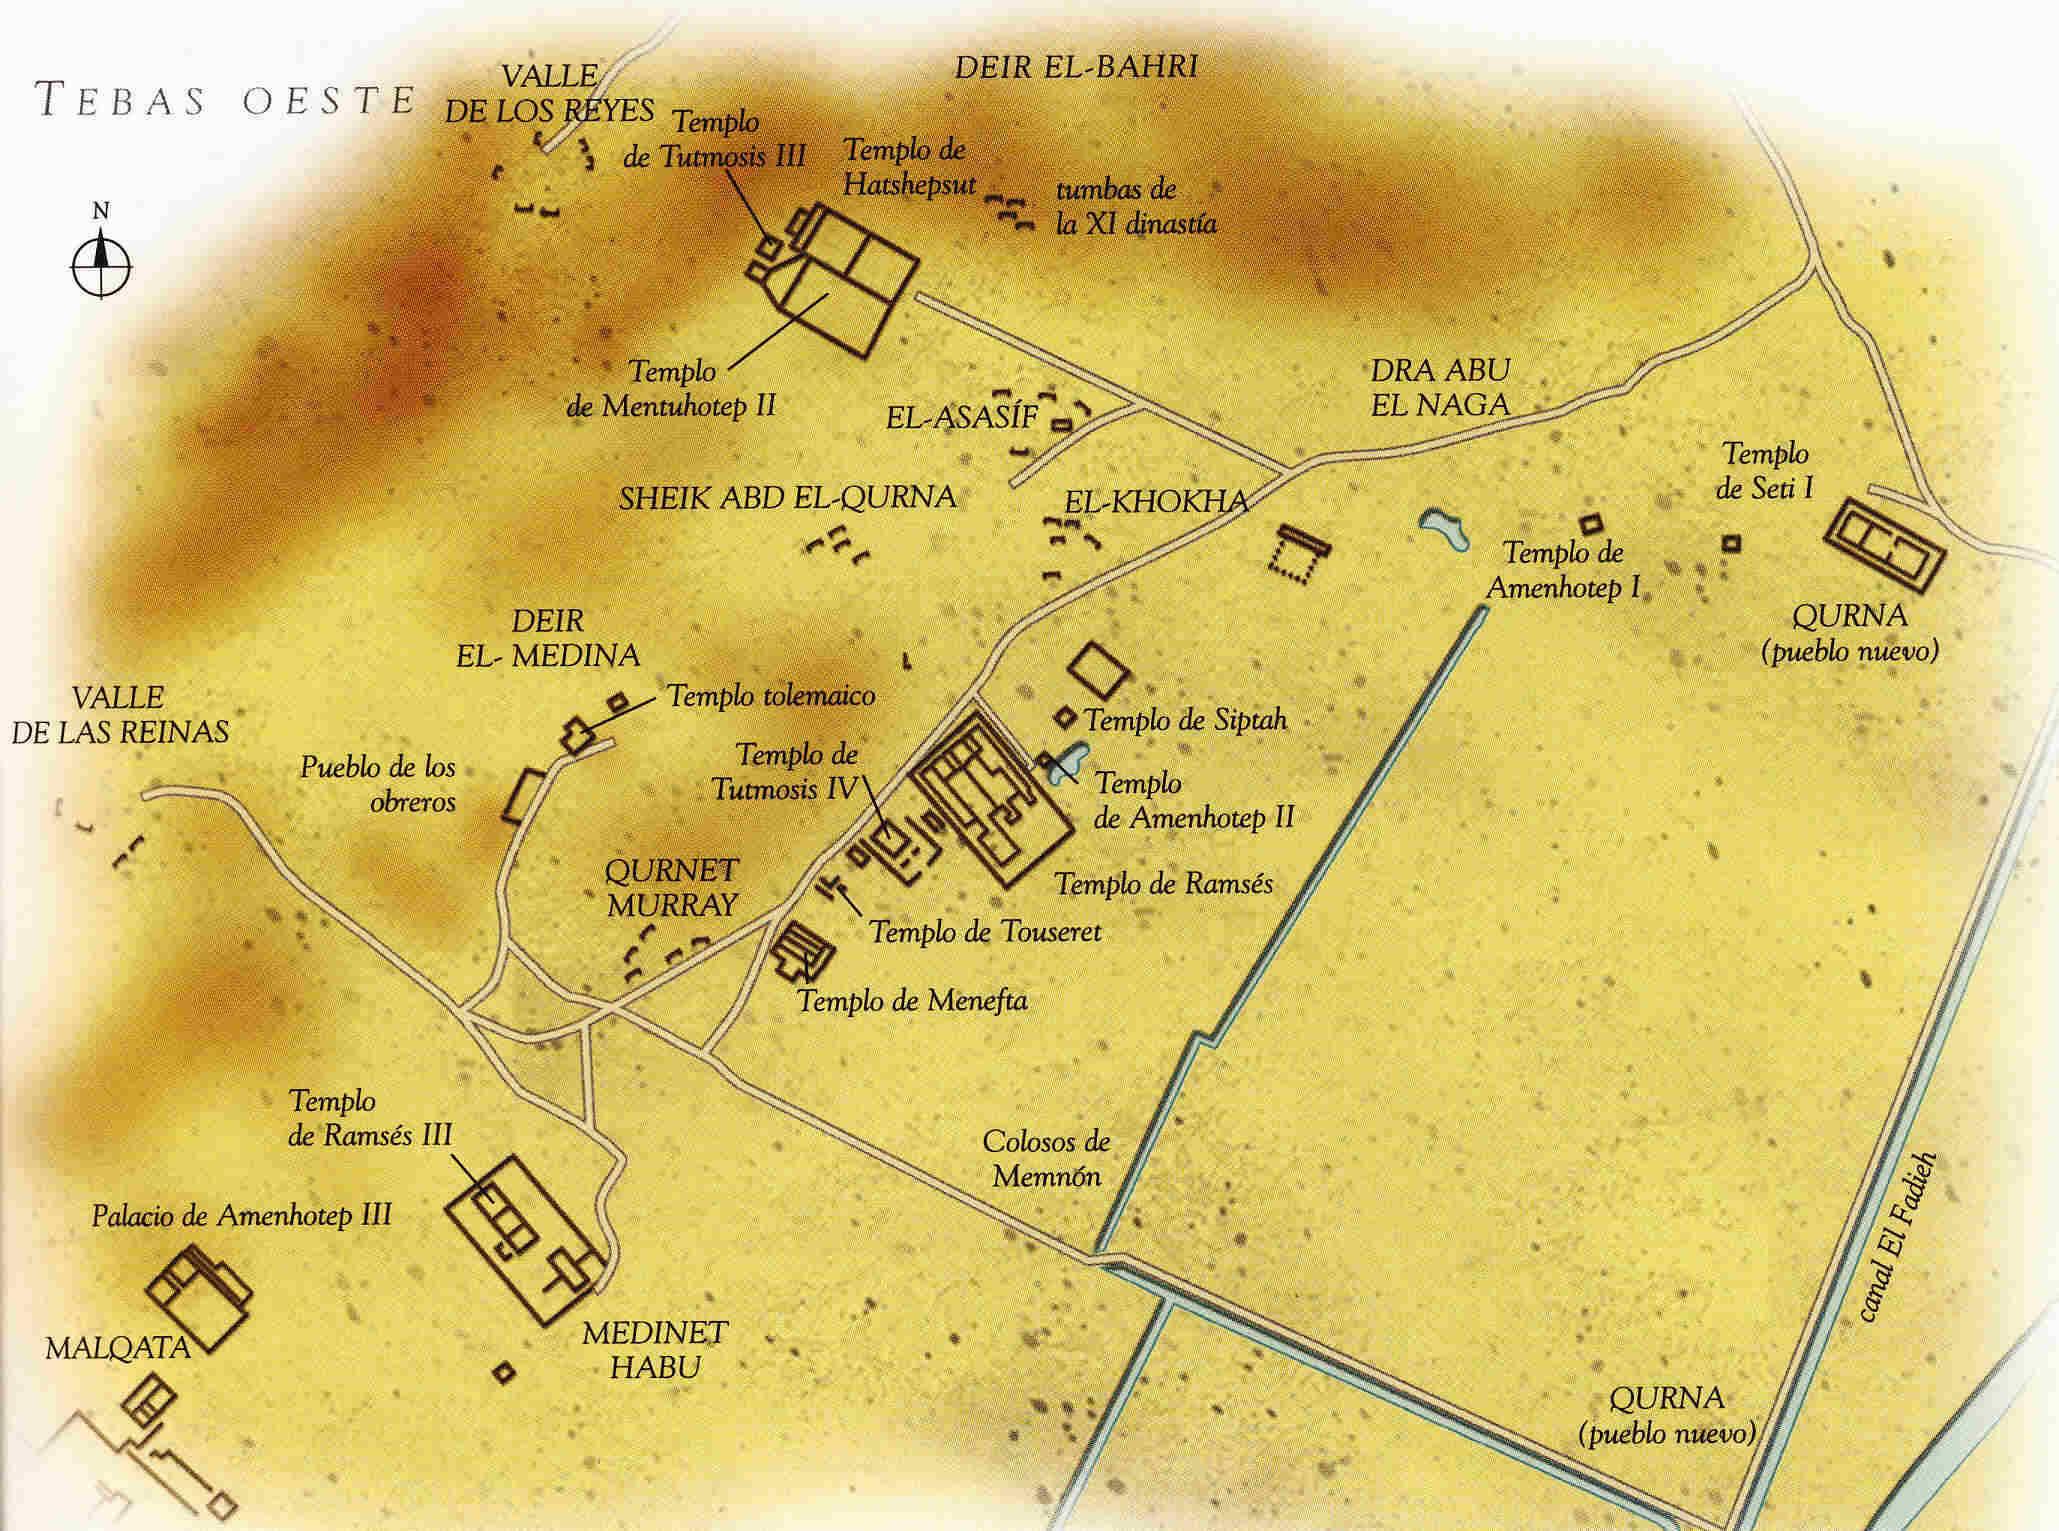 Dehir el Bahari a